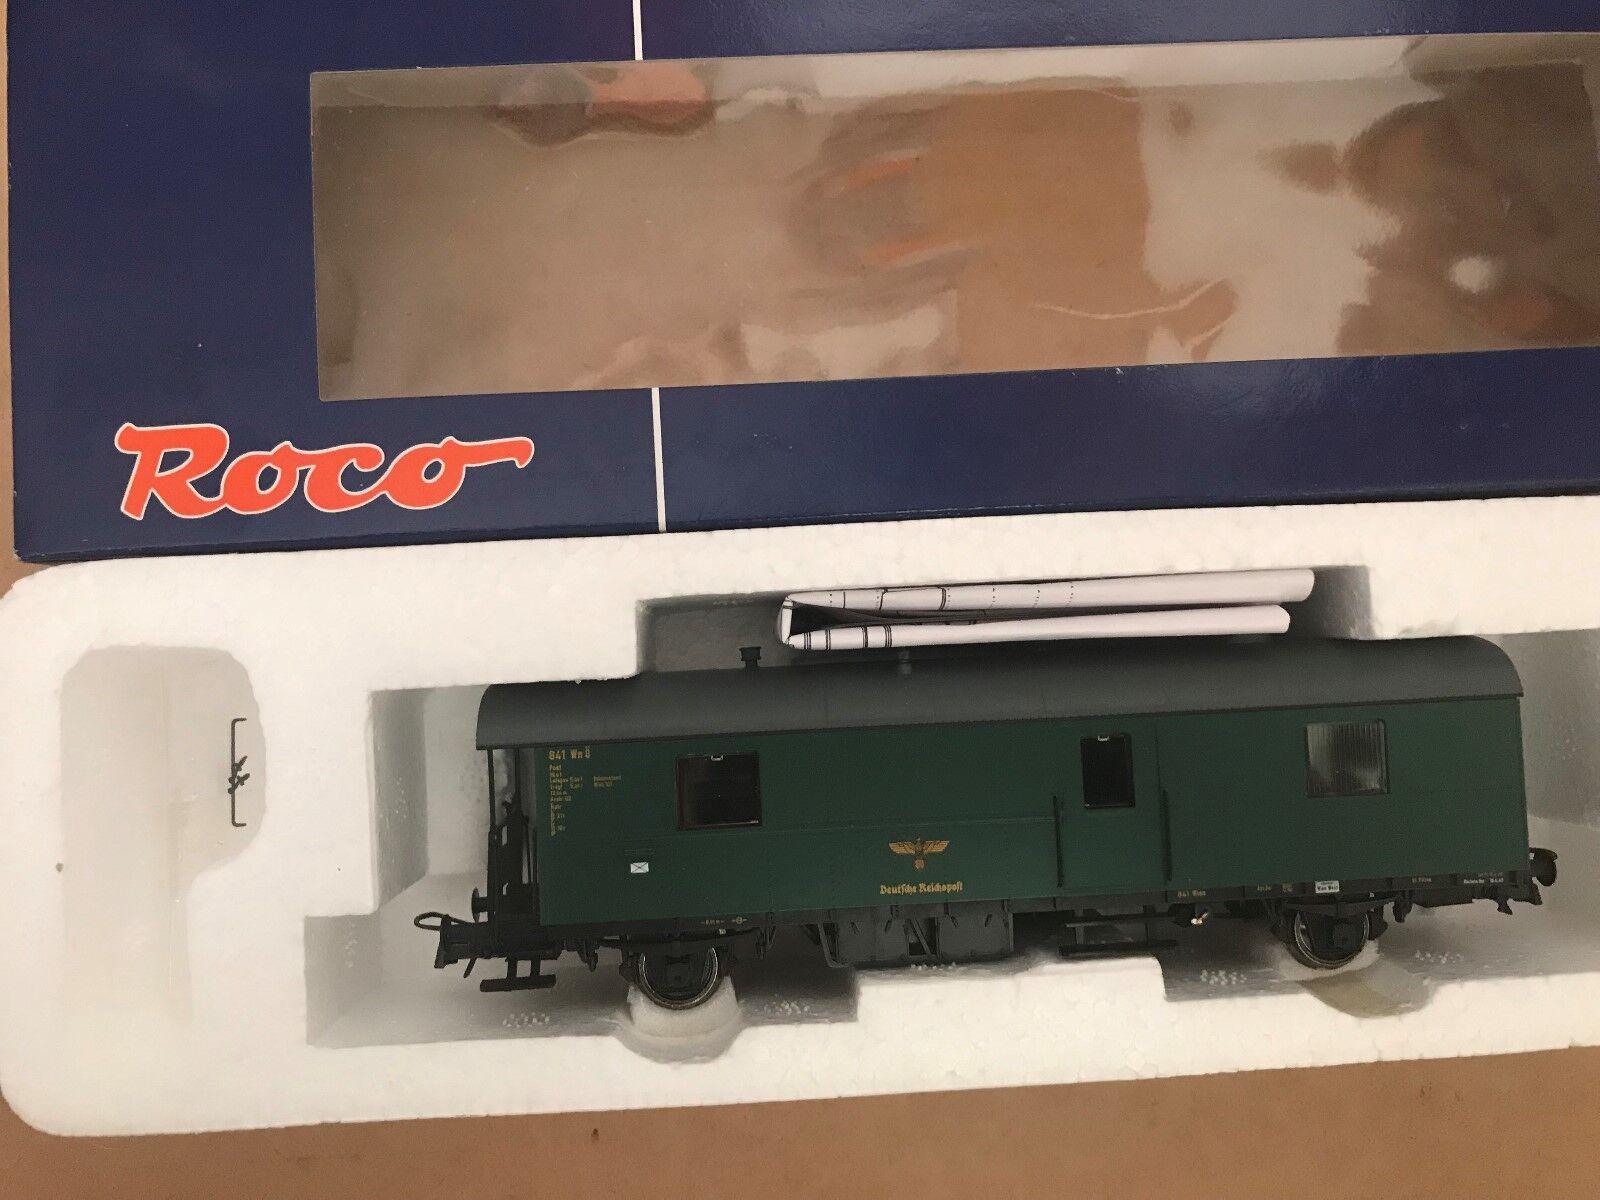 Esperando por ti Roco 64249 H0 Vagón Correo N28 el Aleman Aleman Aleman Reichspost, Ep.II Nuevo + Emb.orig  precios mas bajos